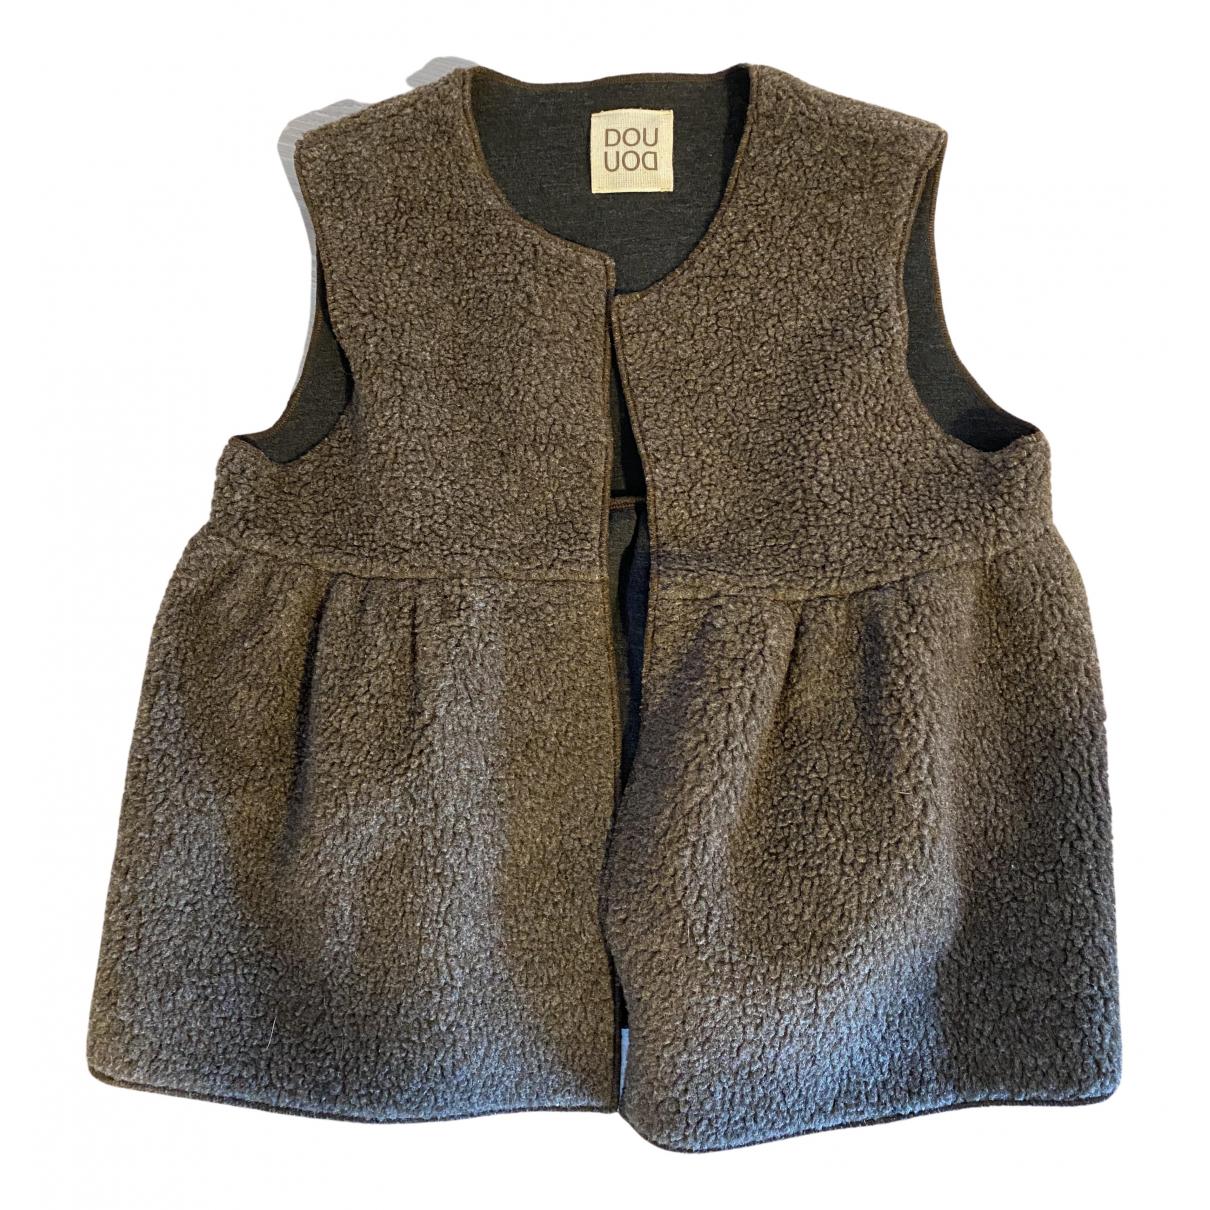 Douuod - Pull   pour enfant en laine - marron